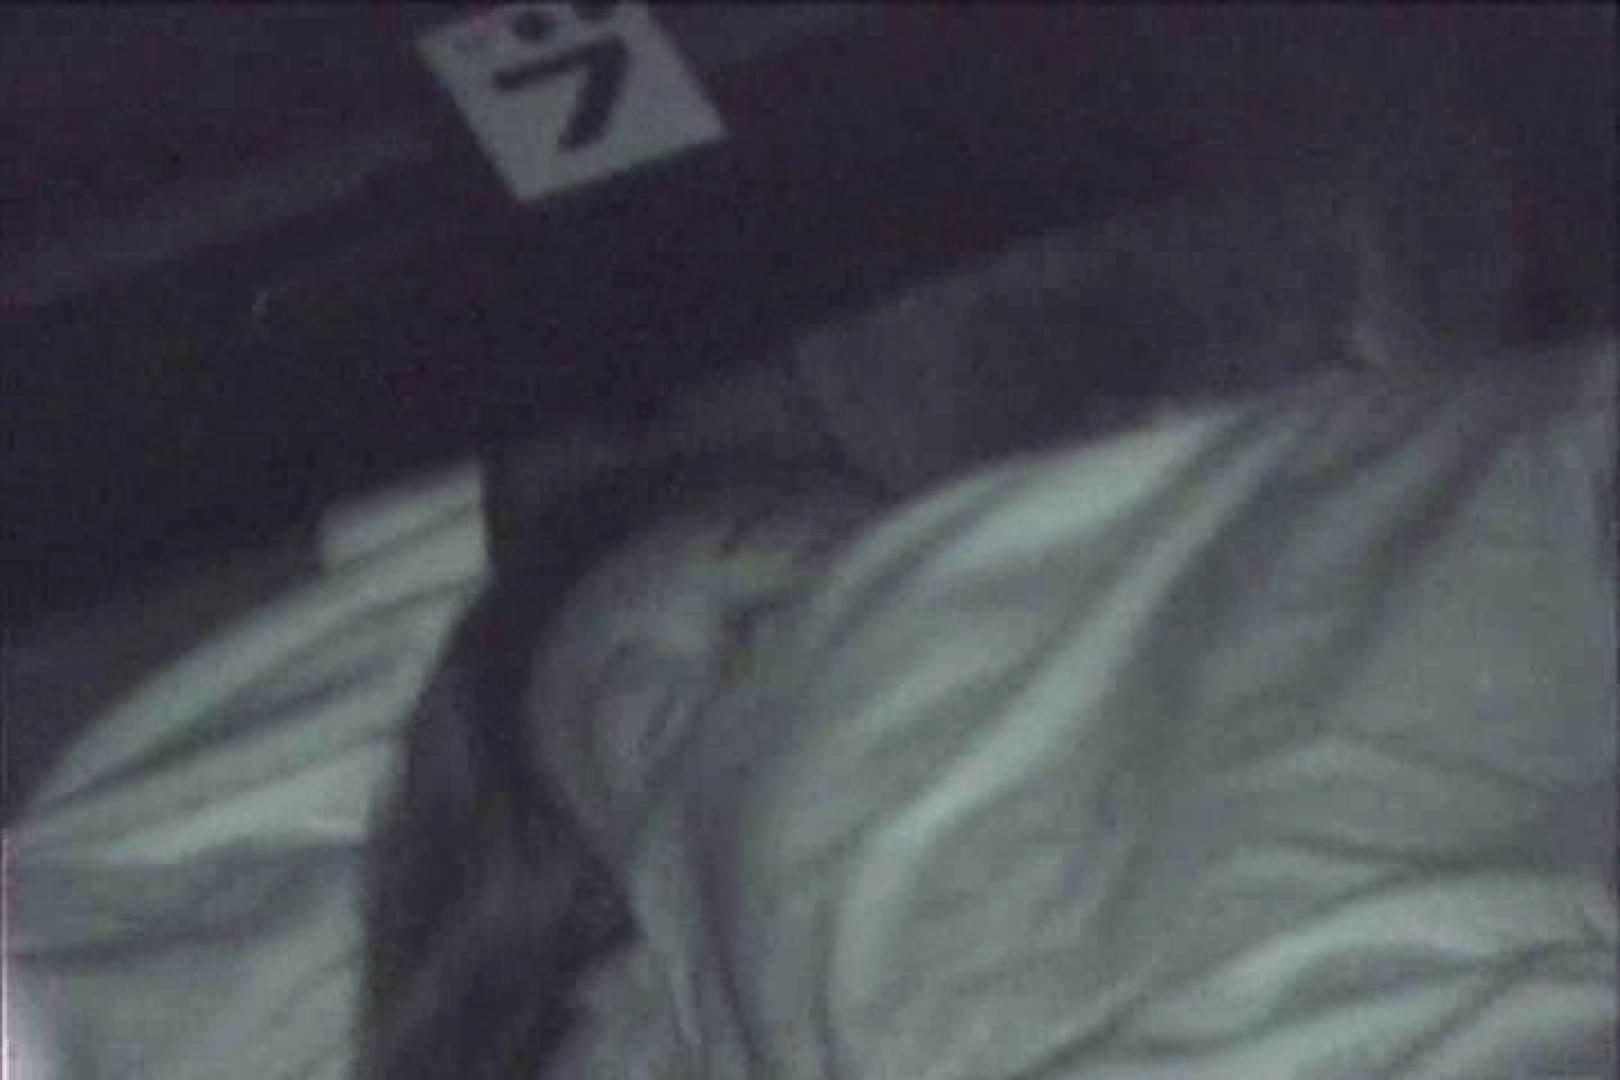 車の中はラブホテル 無修正版  Vol.21 赤外線 盗撮ワレメ無修正動画無料 109画像 5